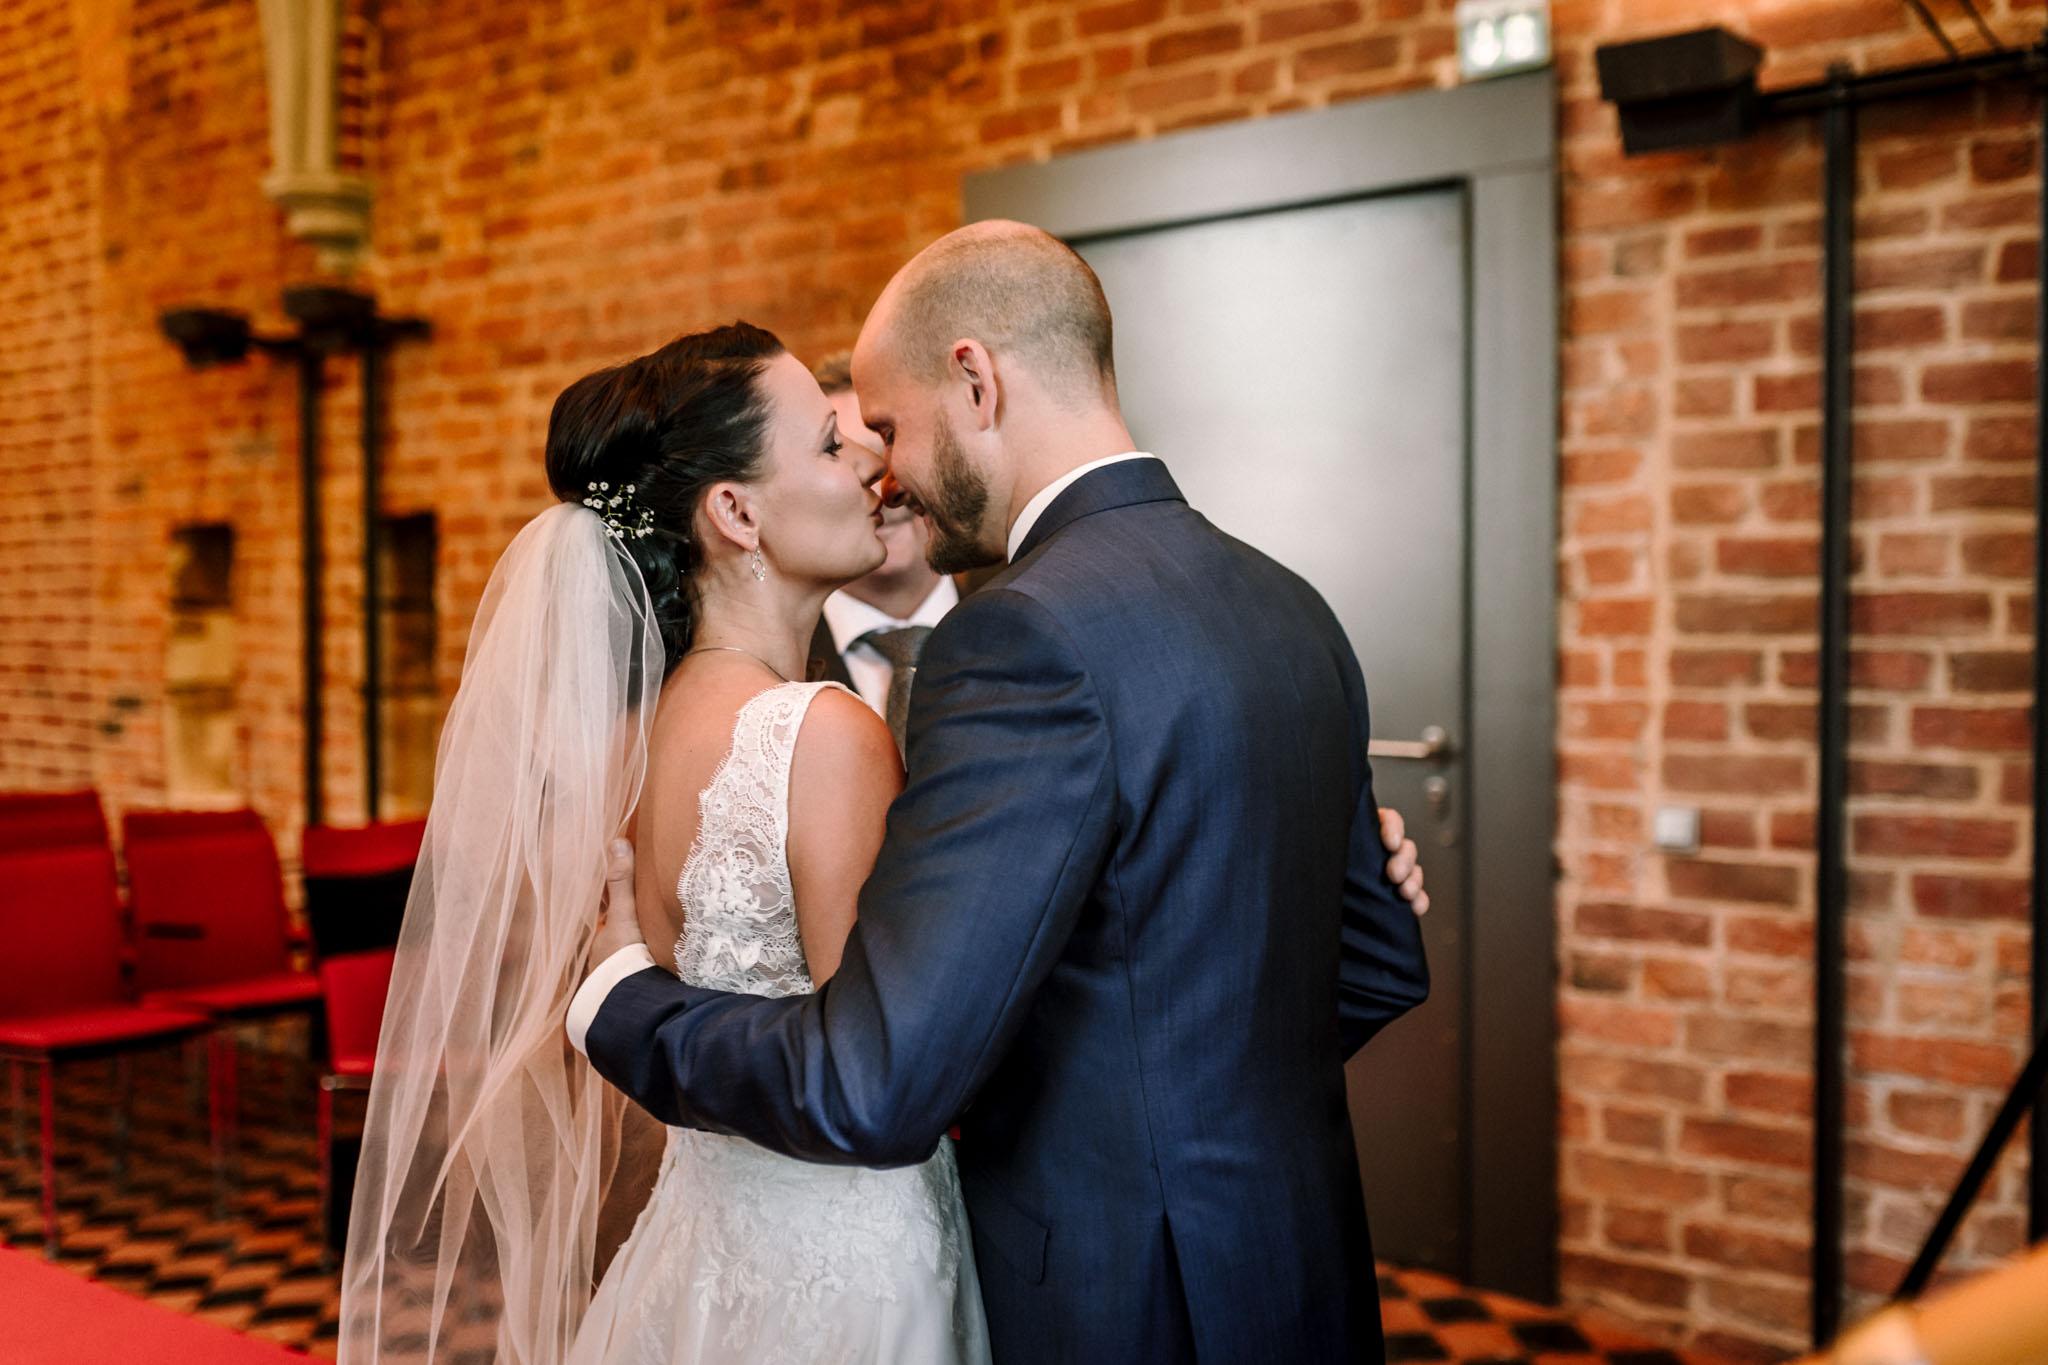 Hochzeitsfieber by Photo-Schomburg, Hochzeitsfotograf, Hamburg,Hochzeitstag, Hochzeitspaar, Braut, Bräutigam, Literaturhauscafe Zarrentin-21